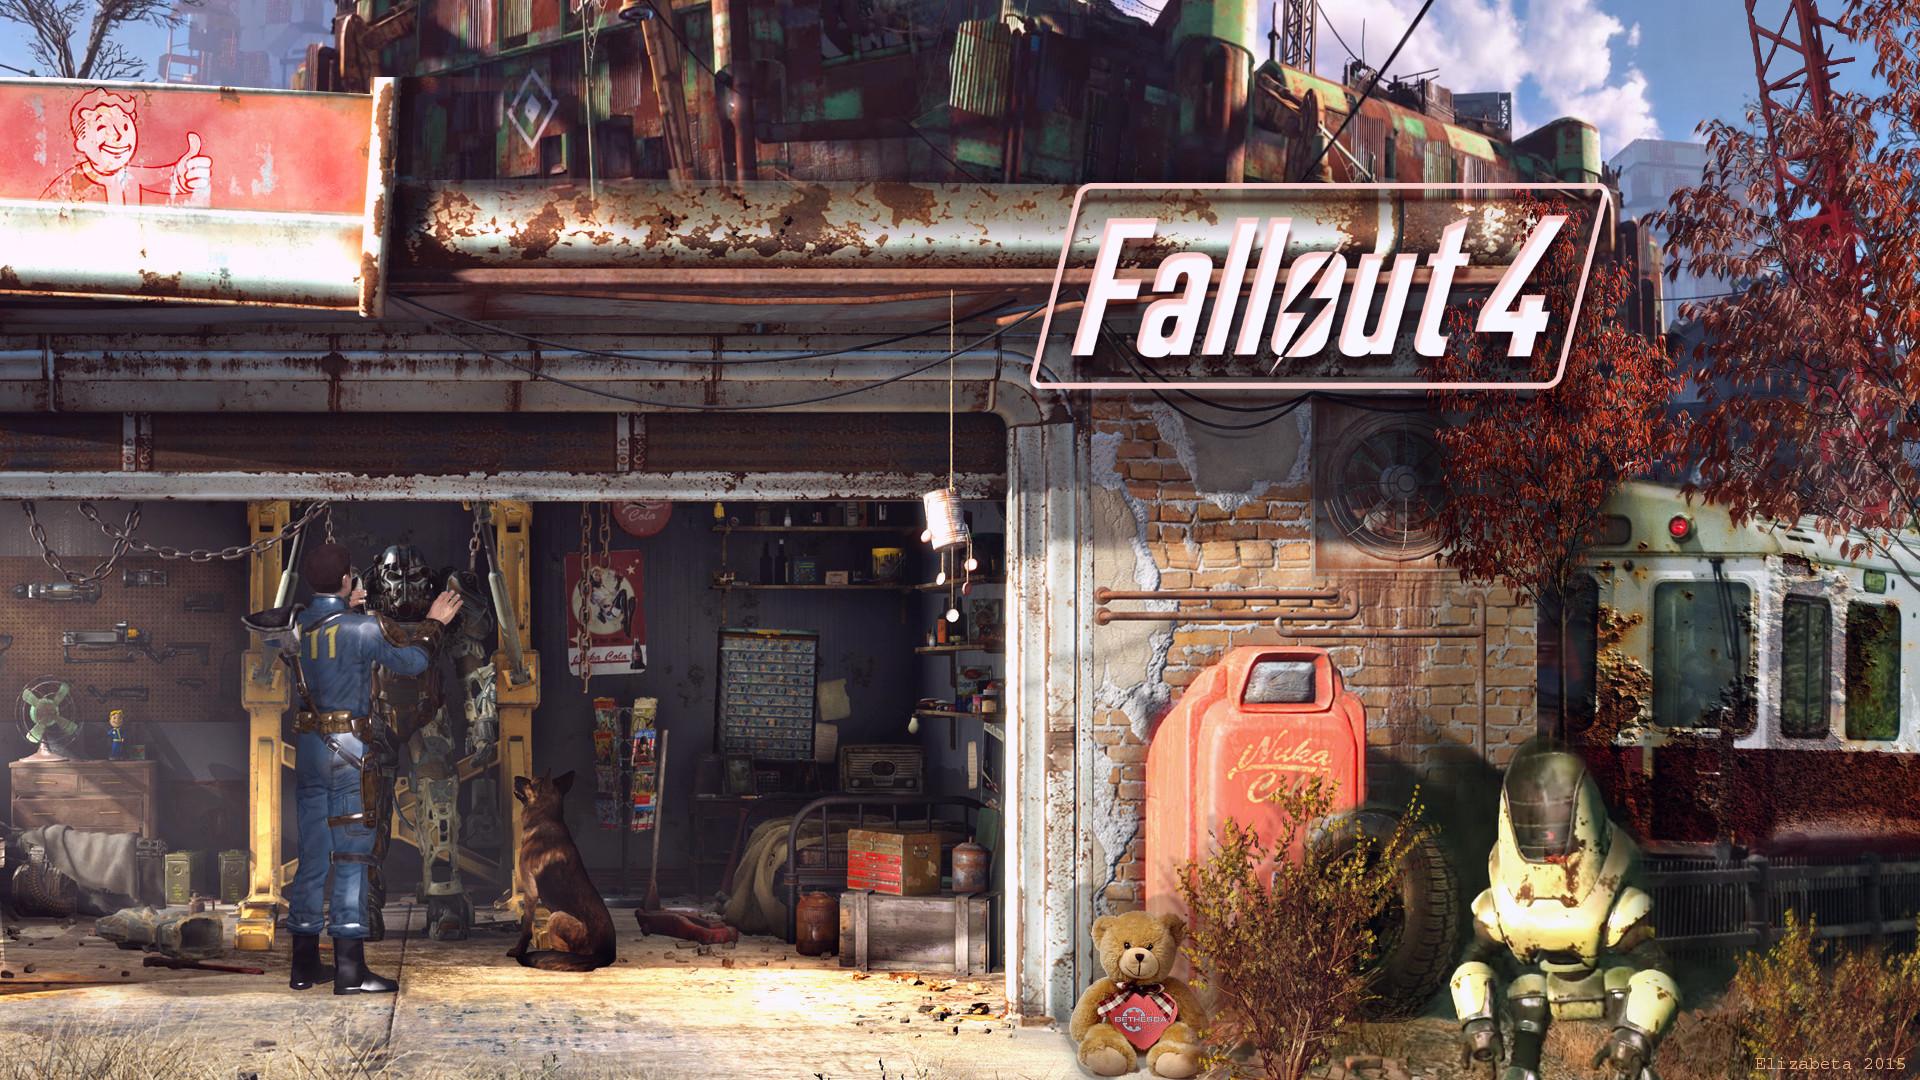 fallout 4 wallpaper by betka watch fan art wallpaper games 2015 2016 .